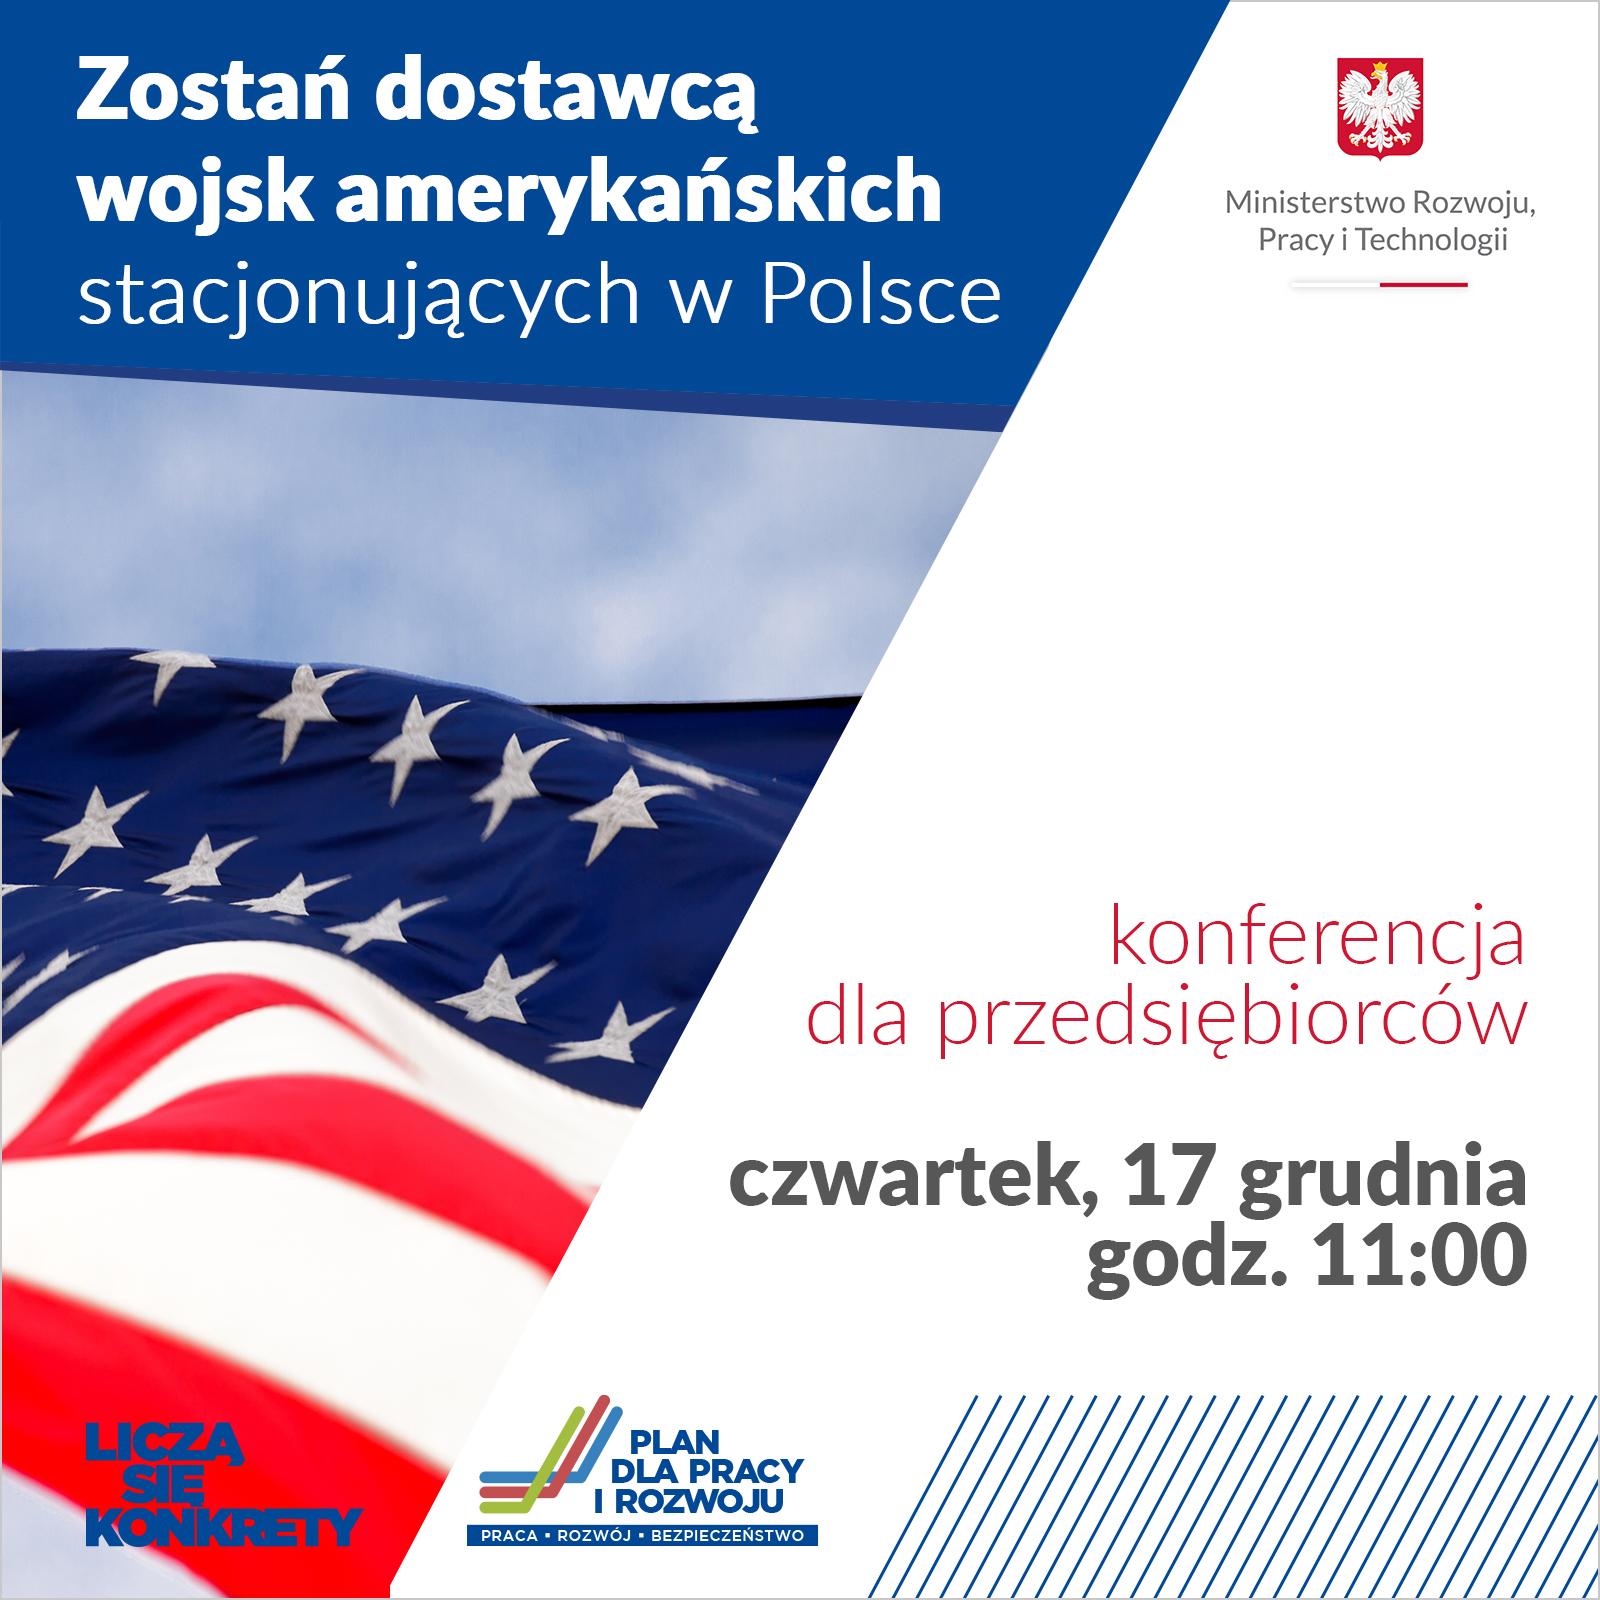 Konferencja prasowa 17.12